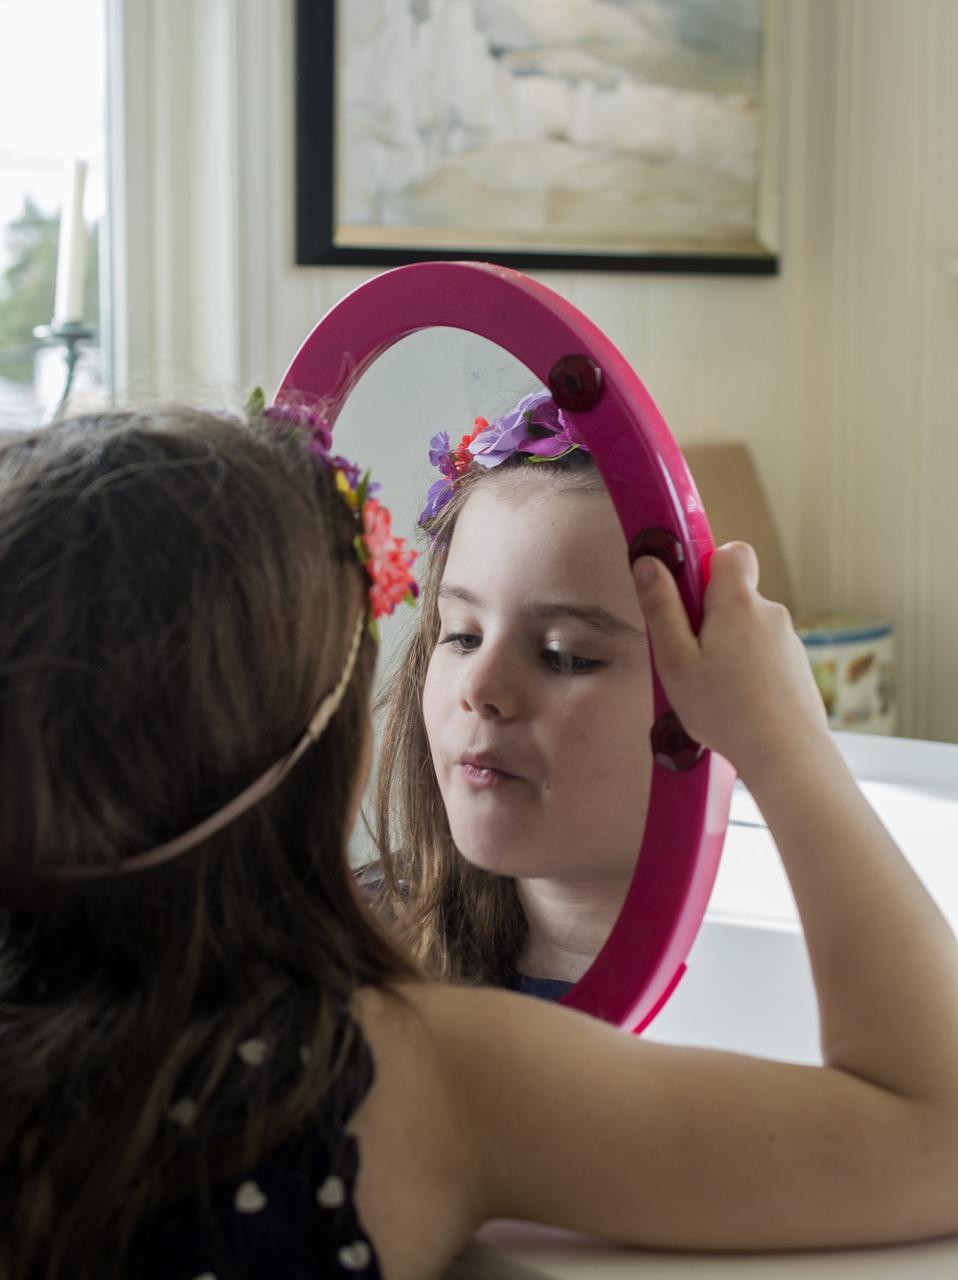 Niewielu może spojrzeć w lustro